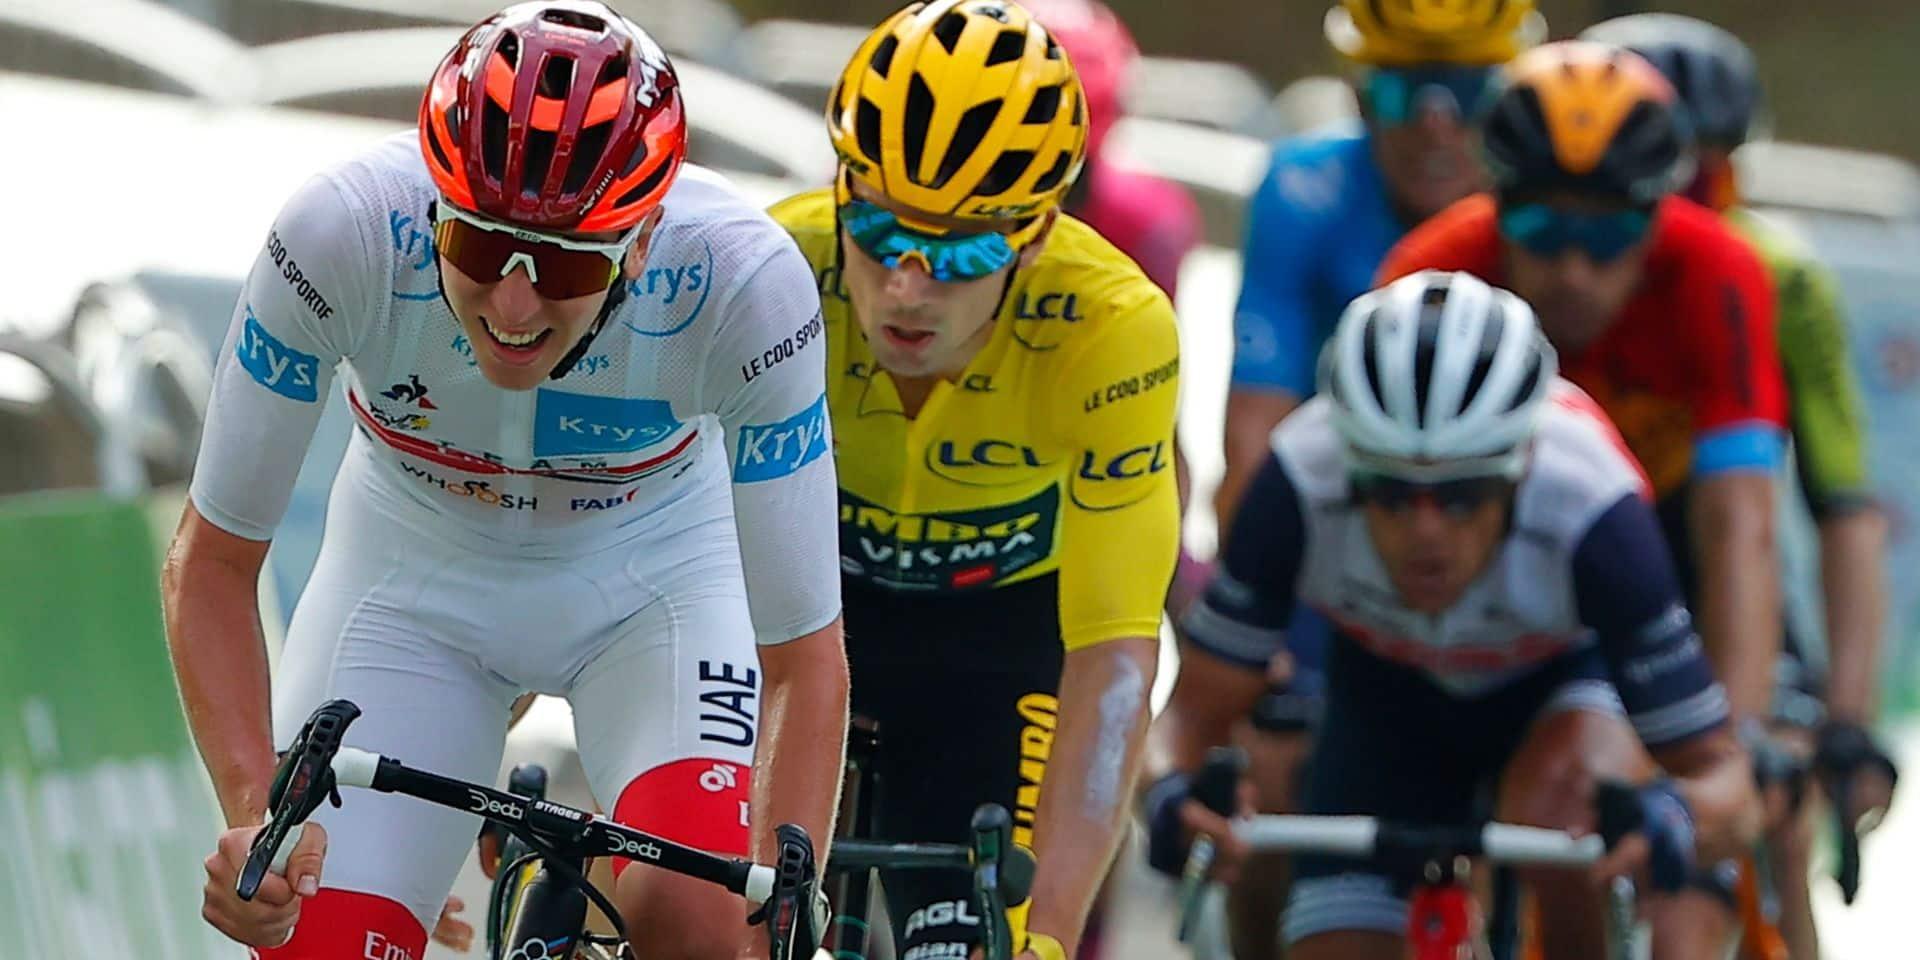 La Flèche wallonne s'annonce royale avec tous les meilleurs coureurs du Tour de France